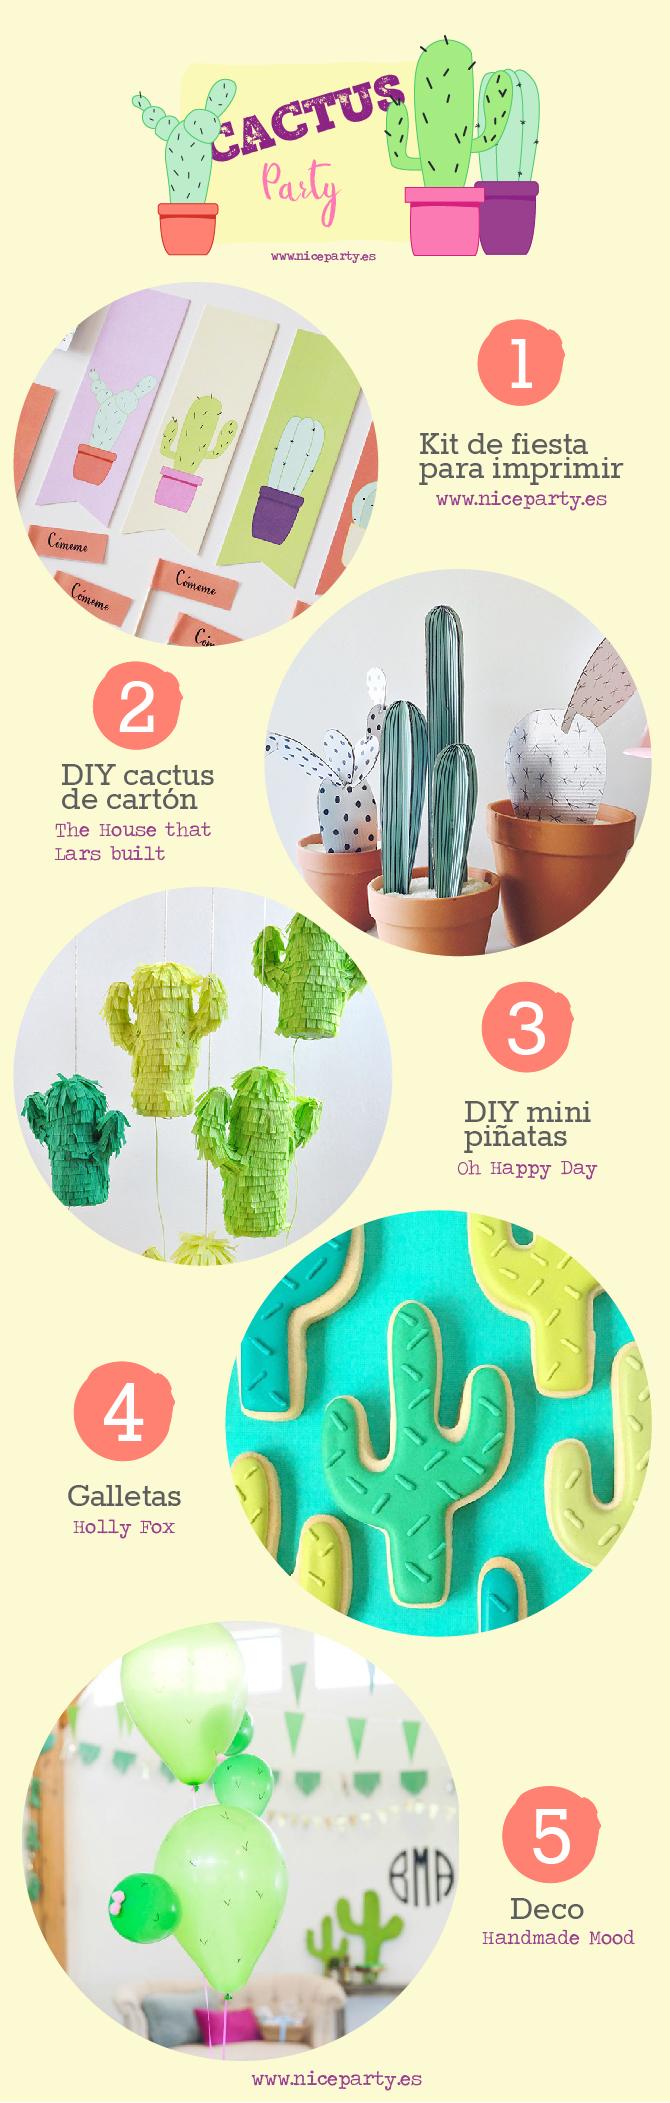 Cómo preparar una cactus party en casa DIY ideas e inspiración